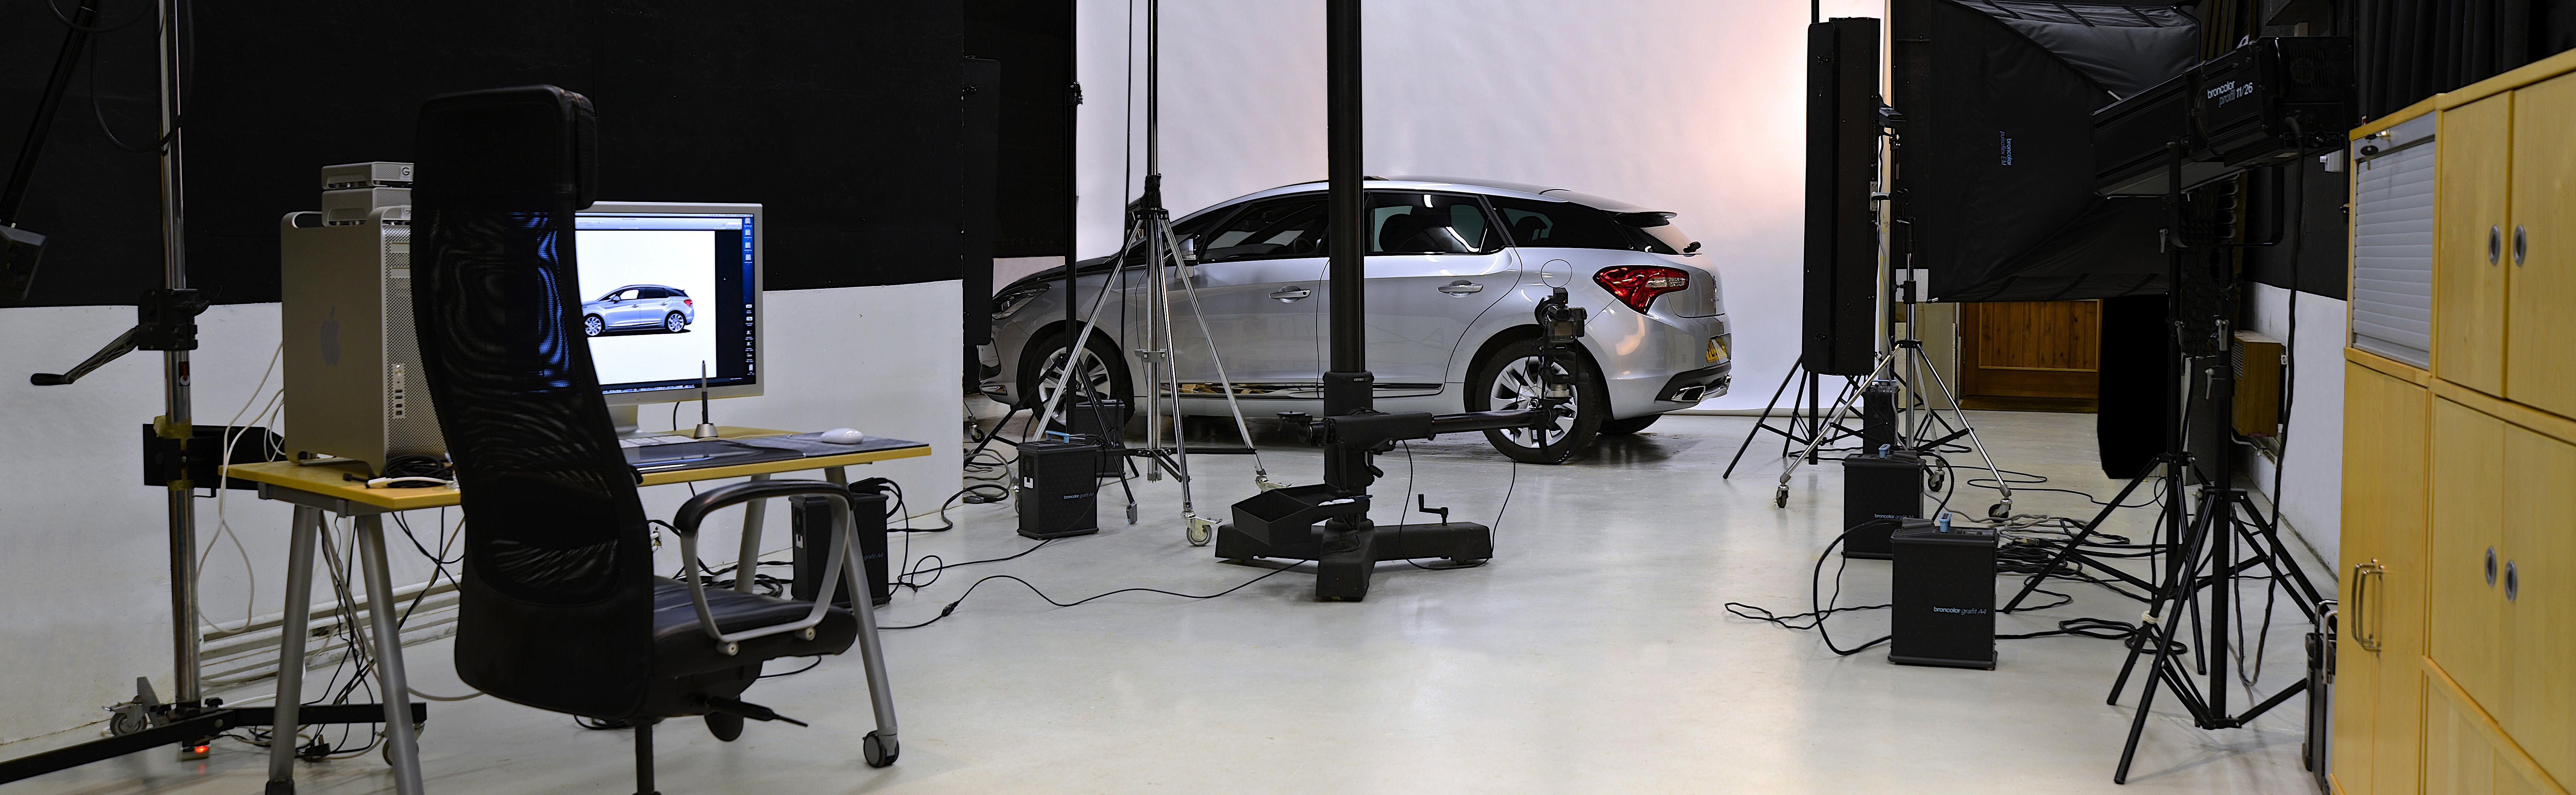 Michael Prior Studio Car